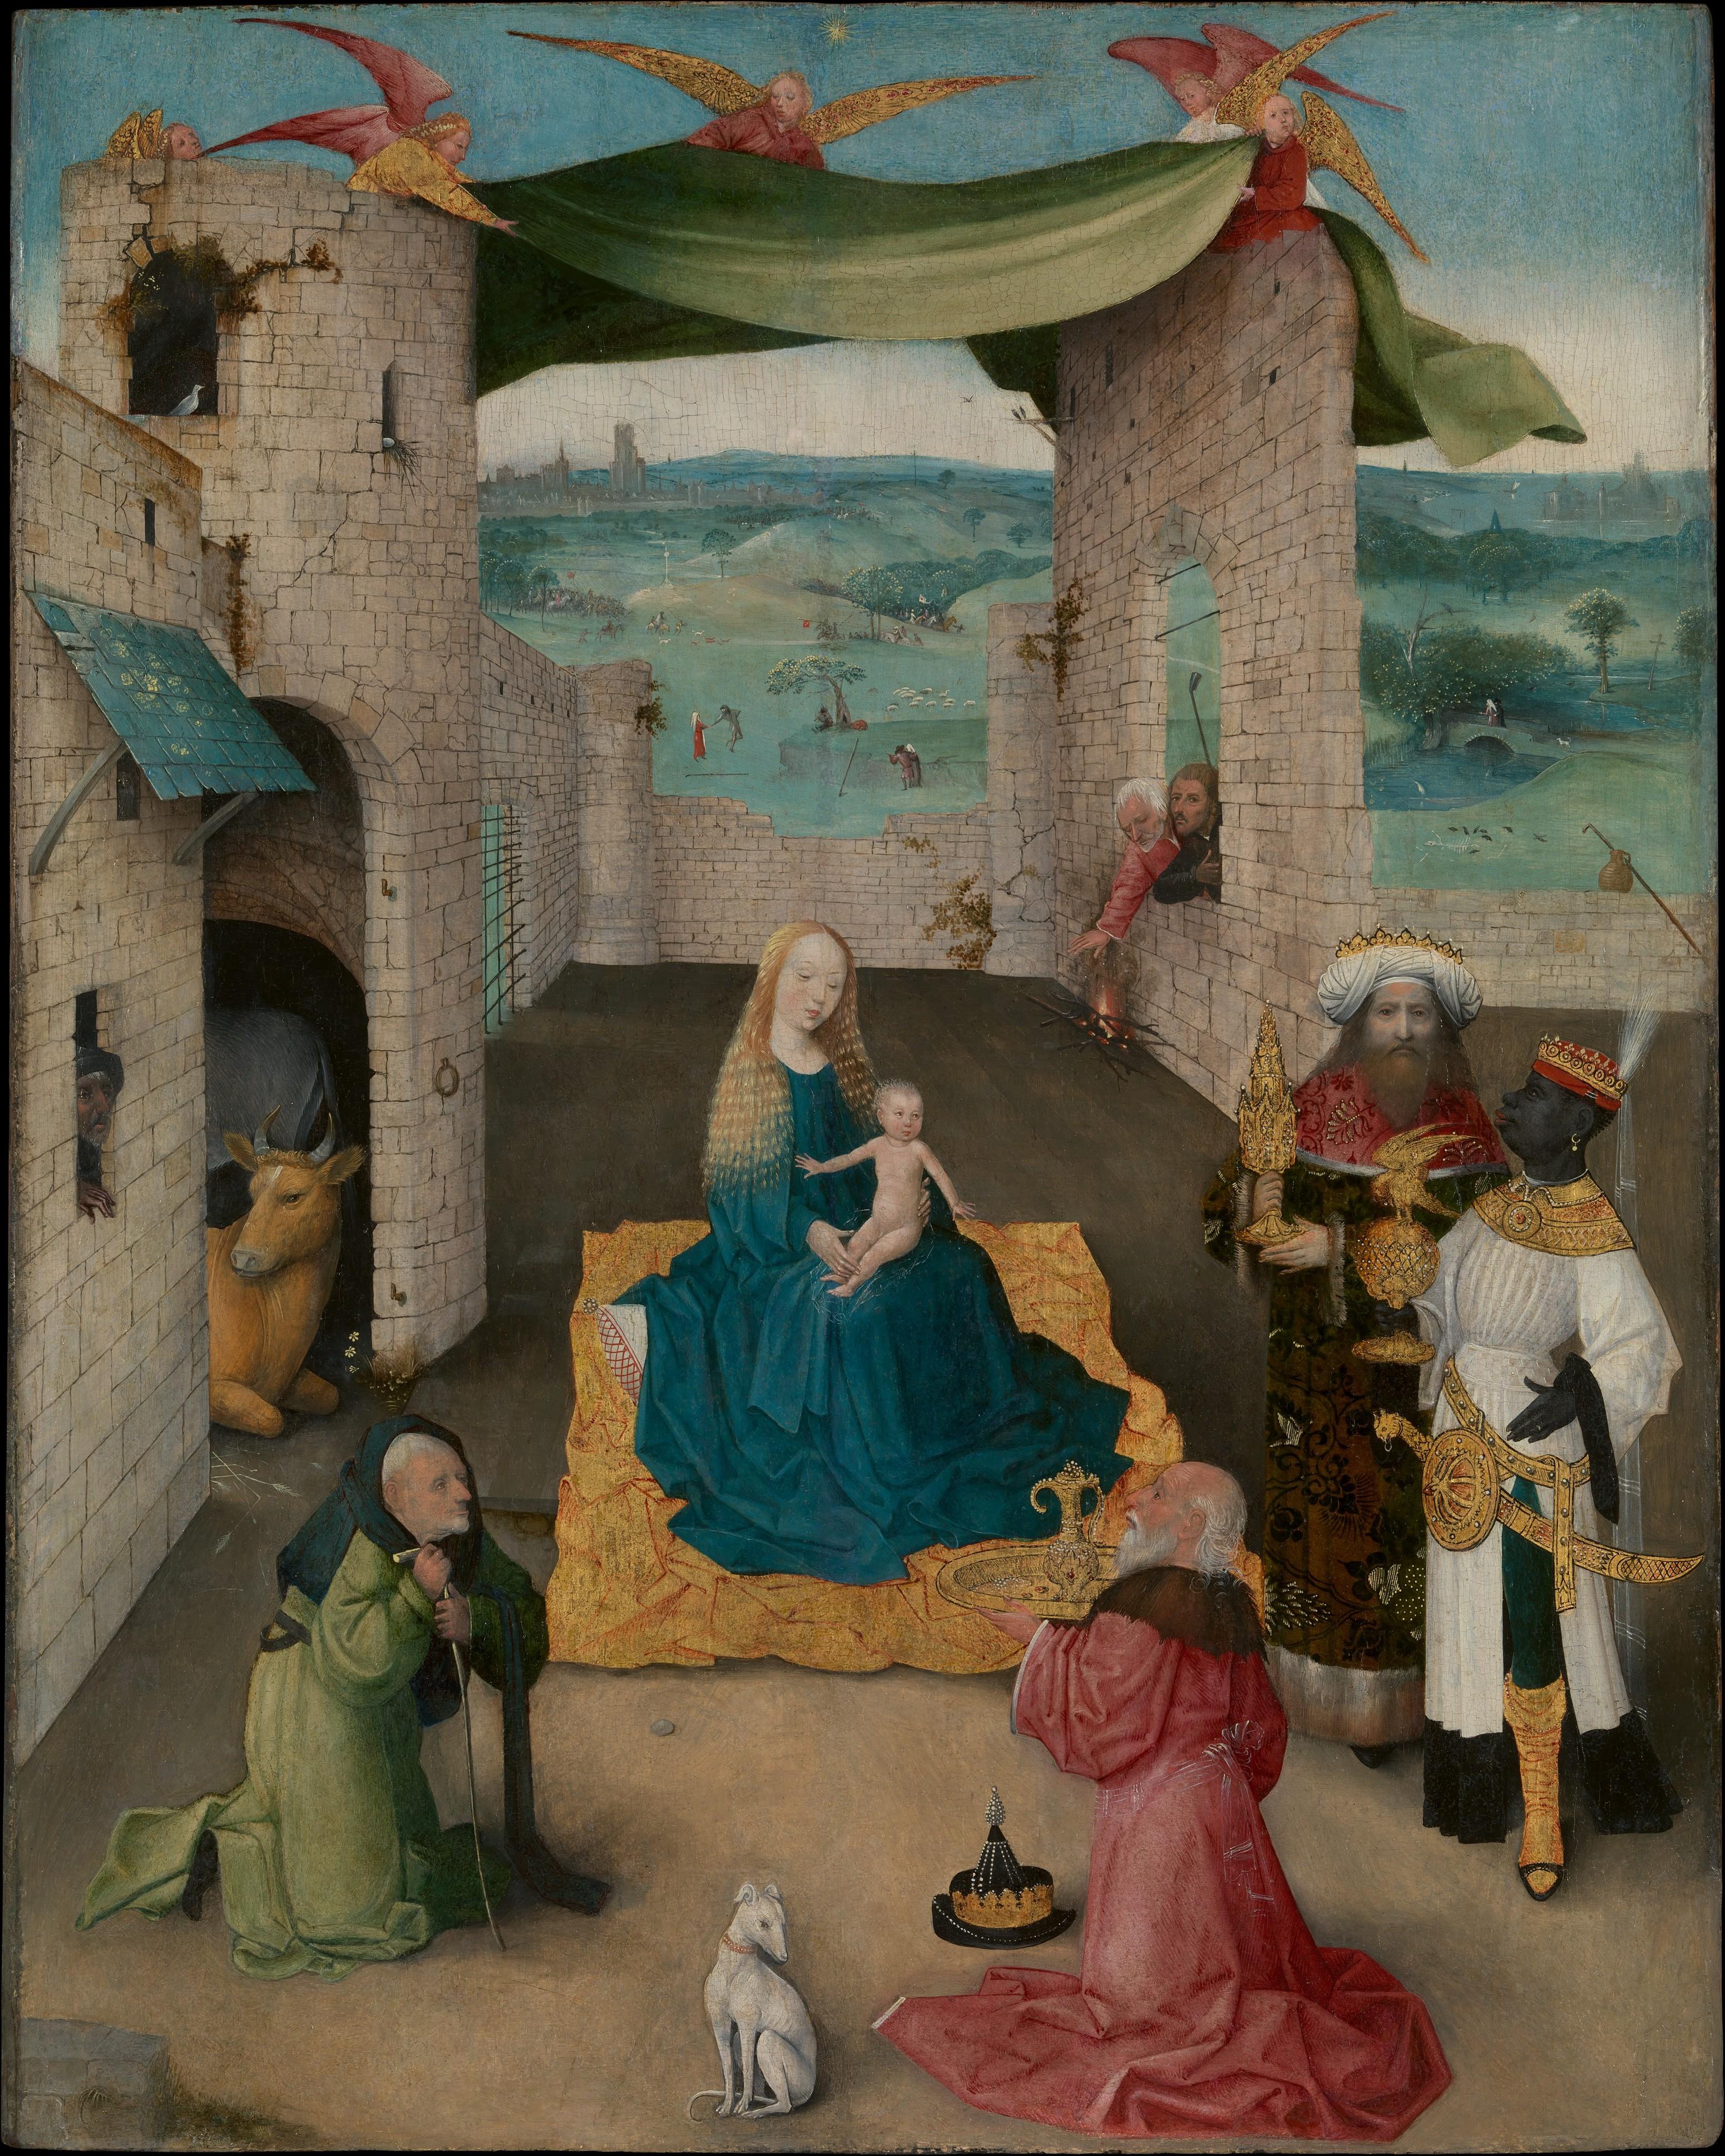 fd2867960b3 Hieronymus Bosch